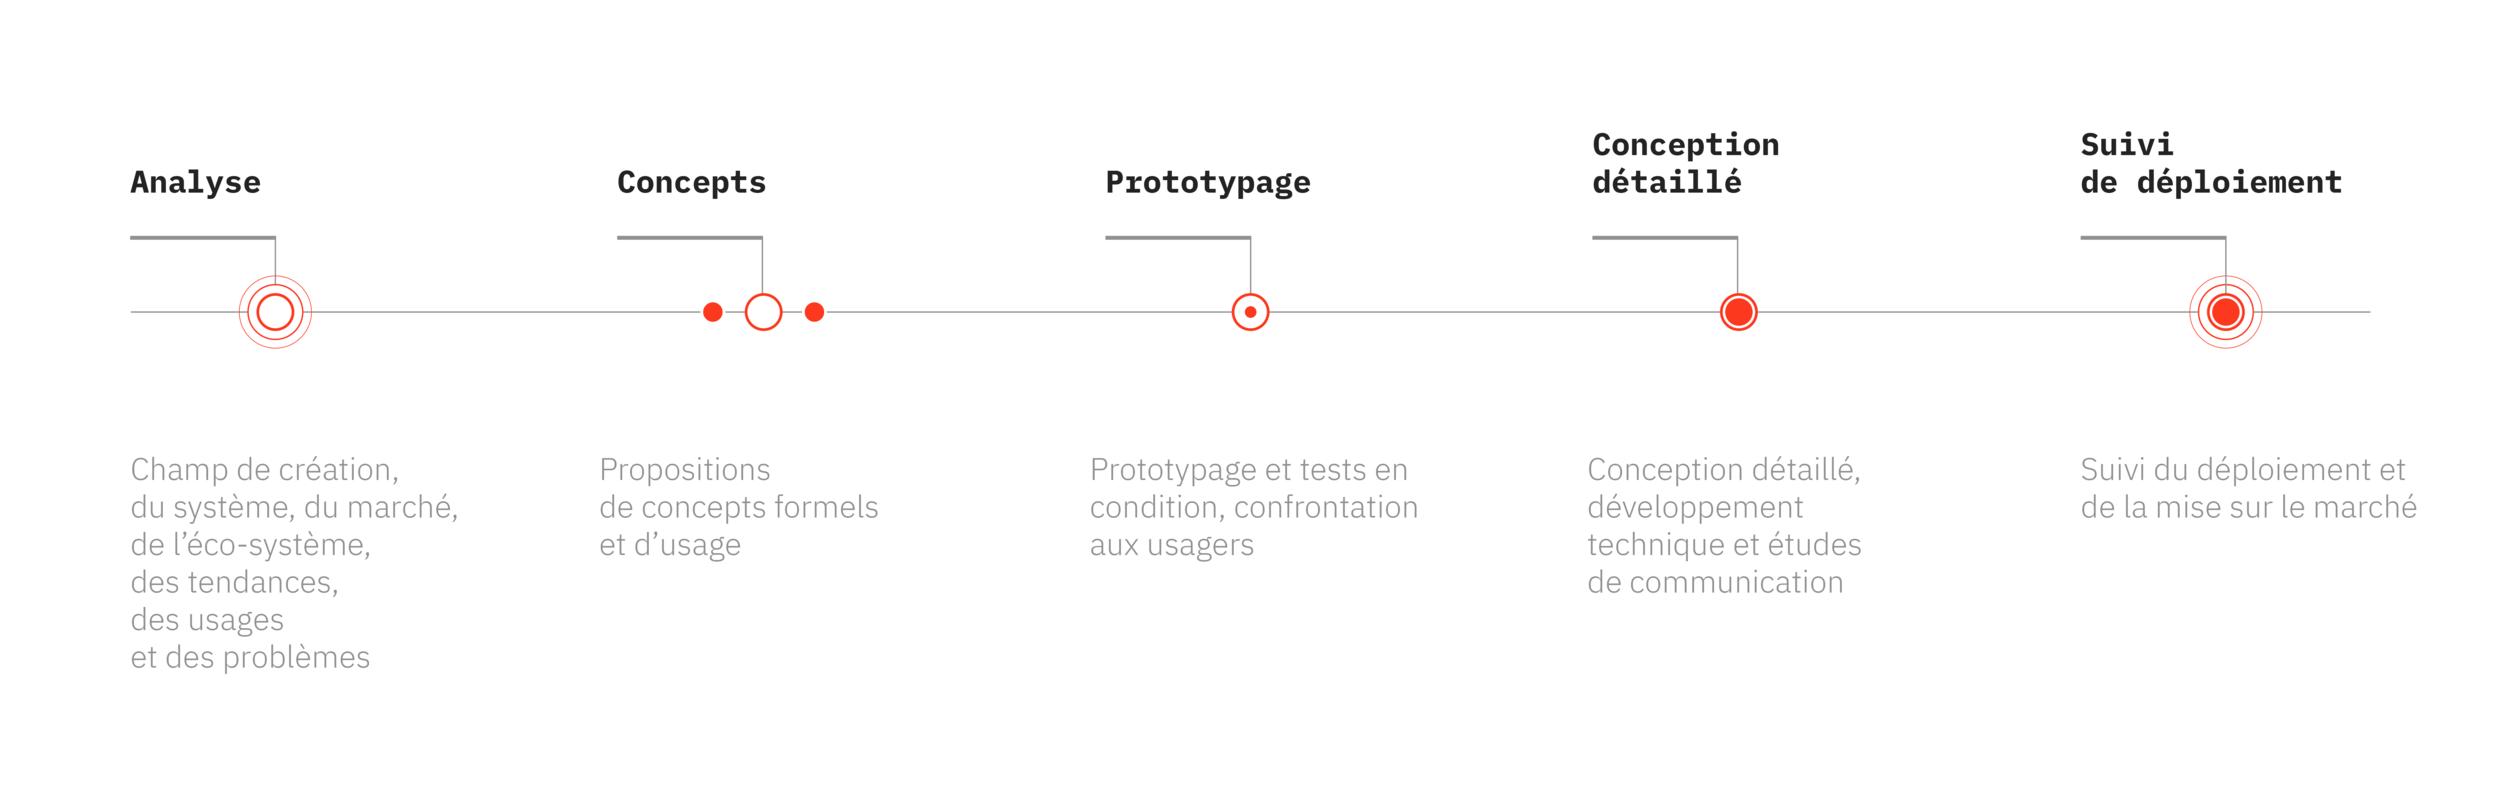 methologie_units_design_global_2019.png